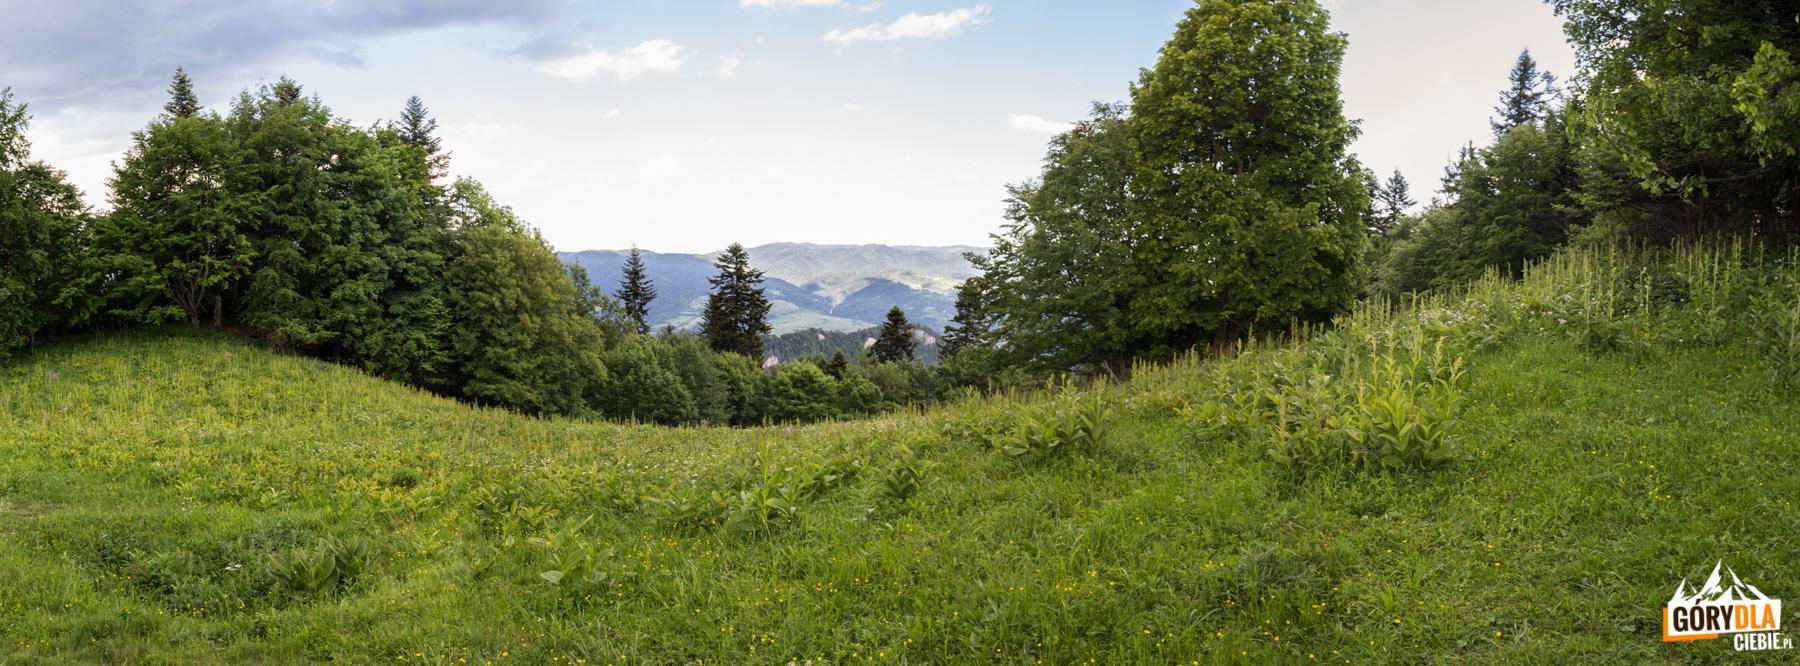 Widoki z zejścia z Trzech Koron na Przełęcz Szopka